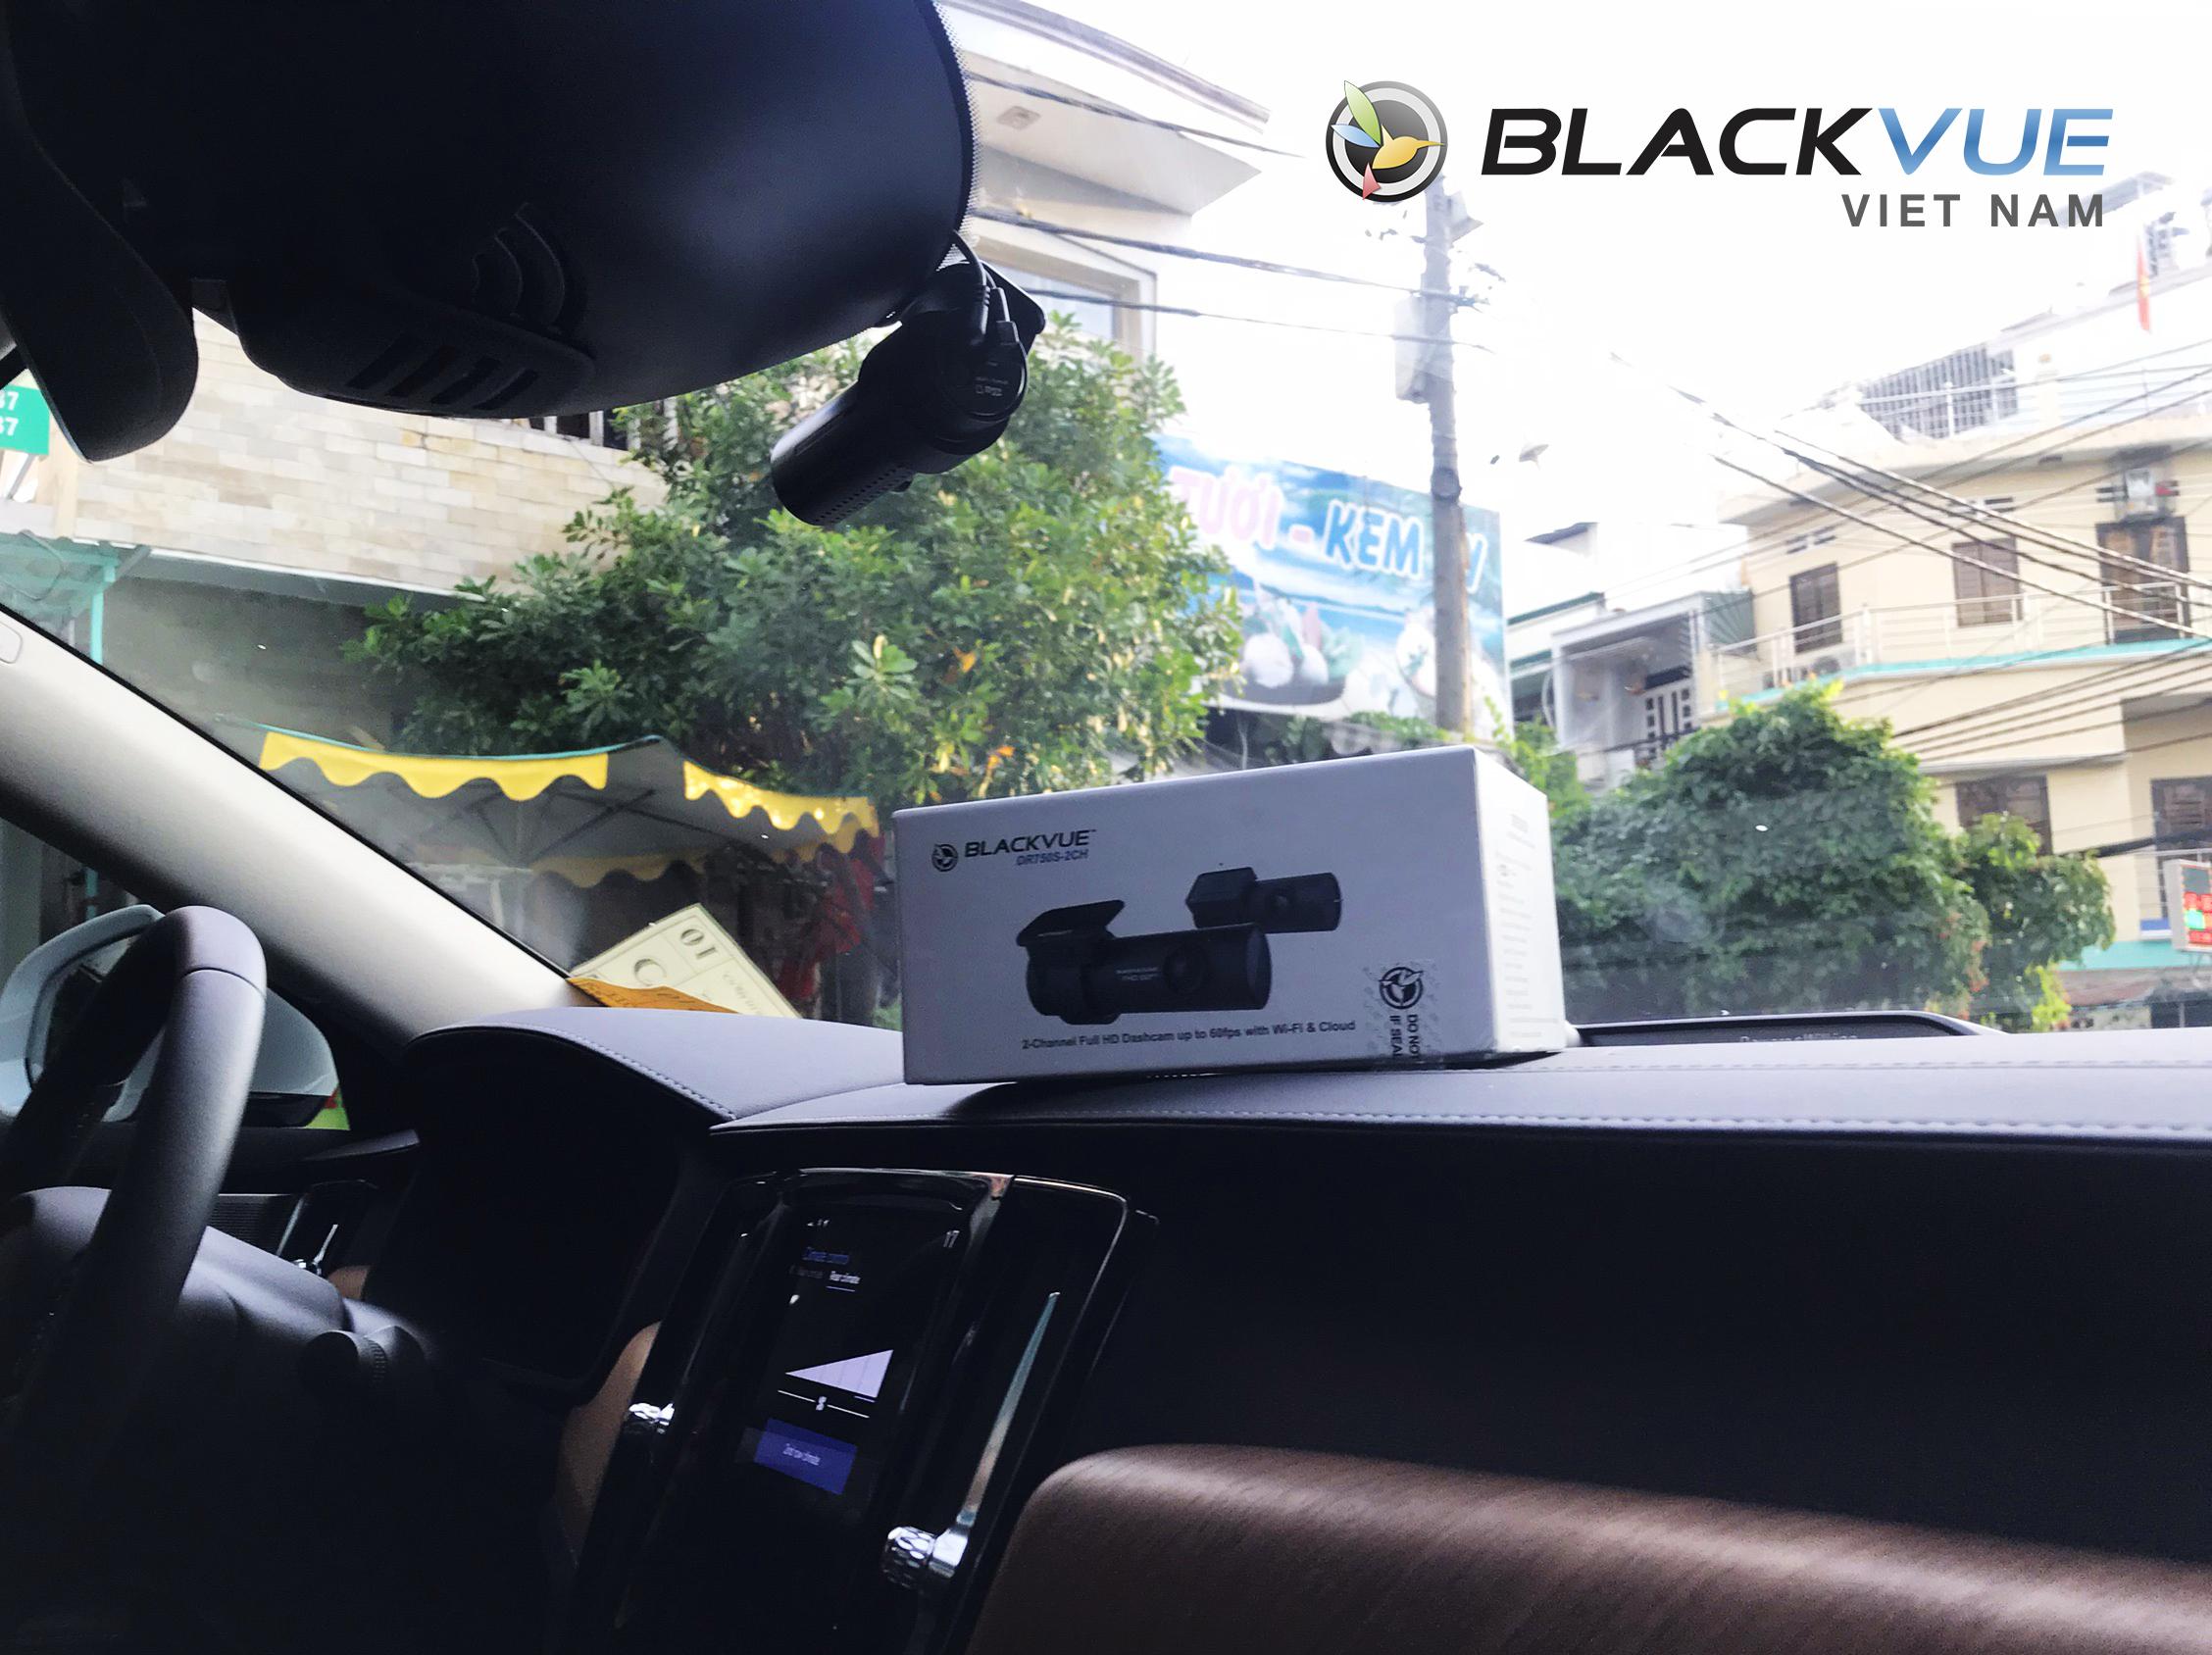 z2058771449897 145dd0813985df1218dc8790d943827a - Khách hàng hiểu công nghệ chọn Blackvue DR750S-2CH kết hợp với Volvo cho sự an toàn tuyệt vời